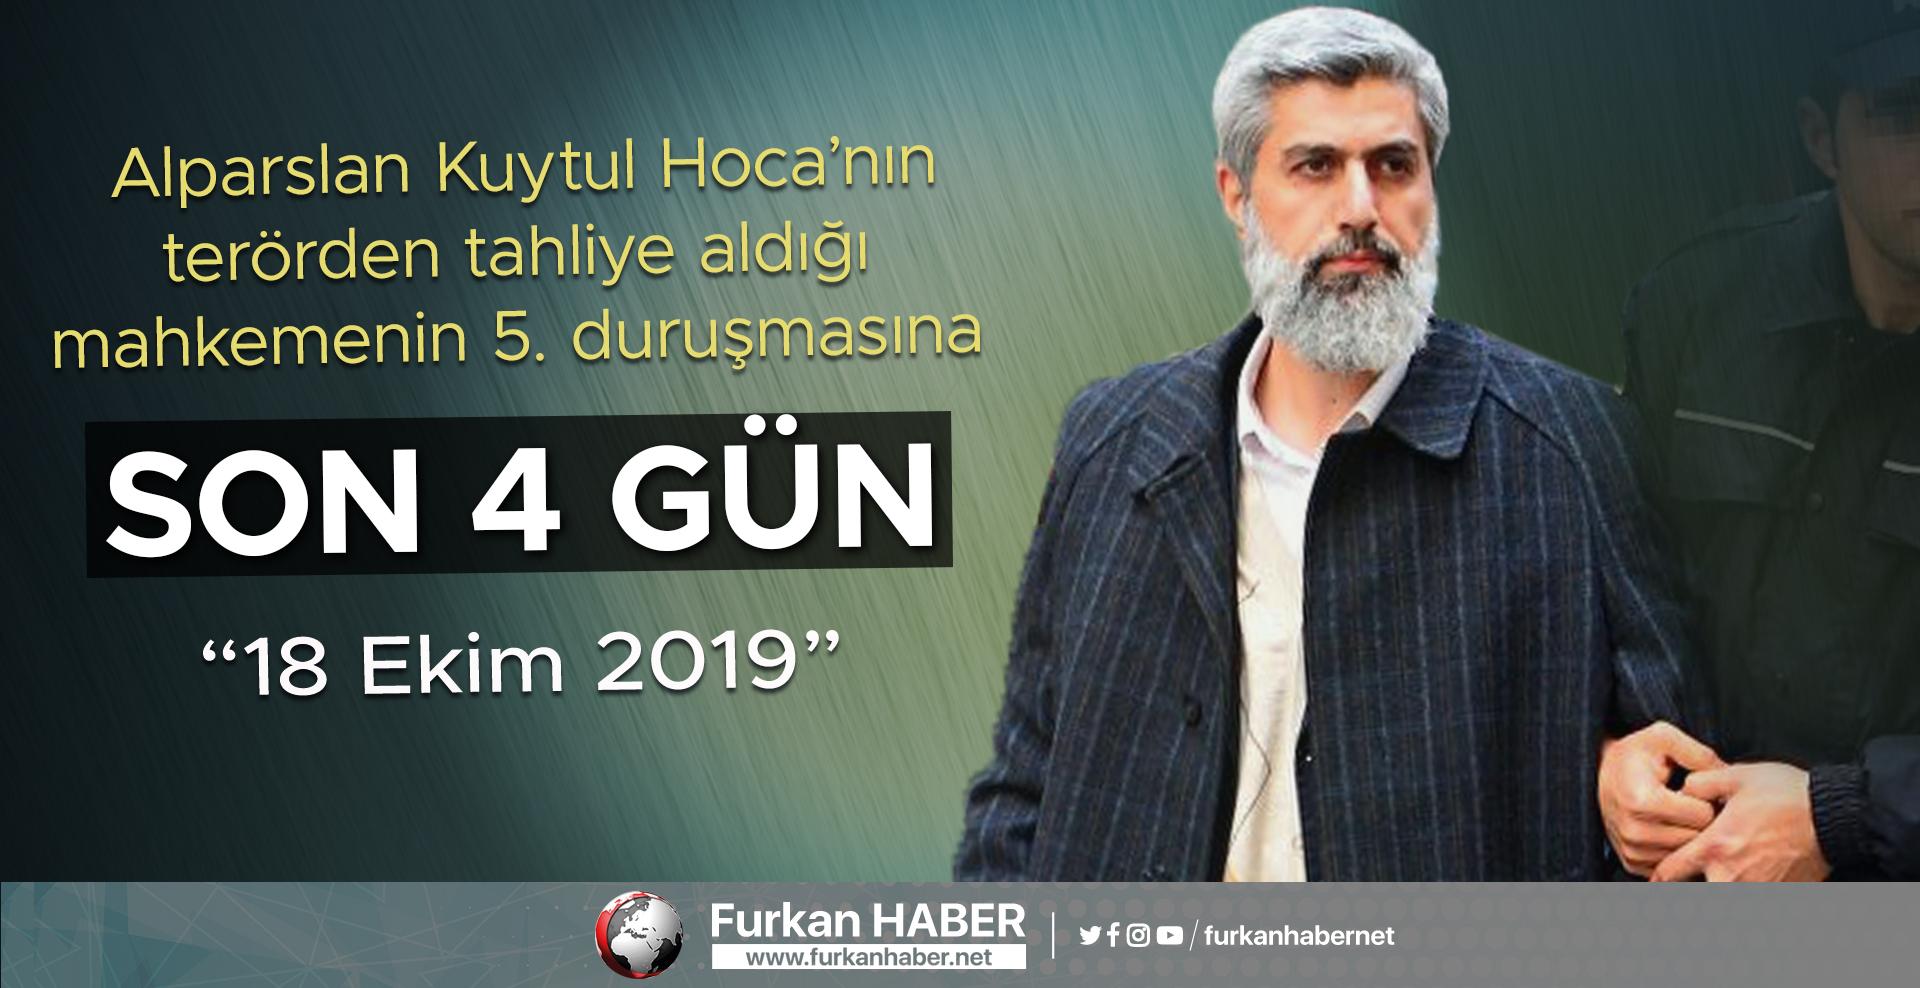 Alparslan Hocanın Mahkemesine 4 Gün Kaldı!